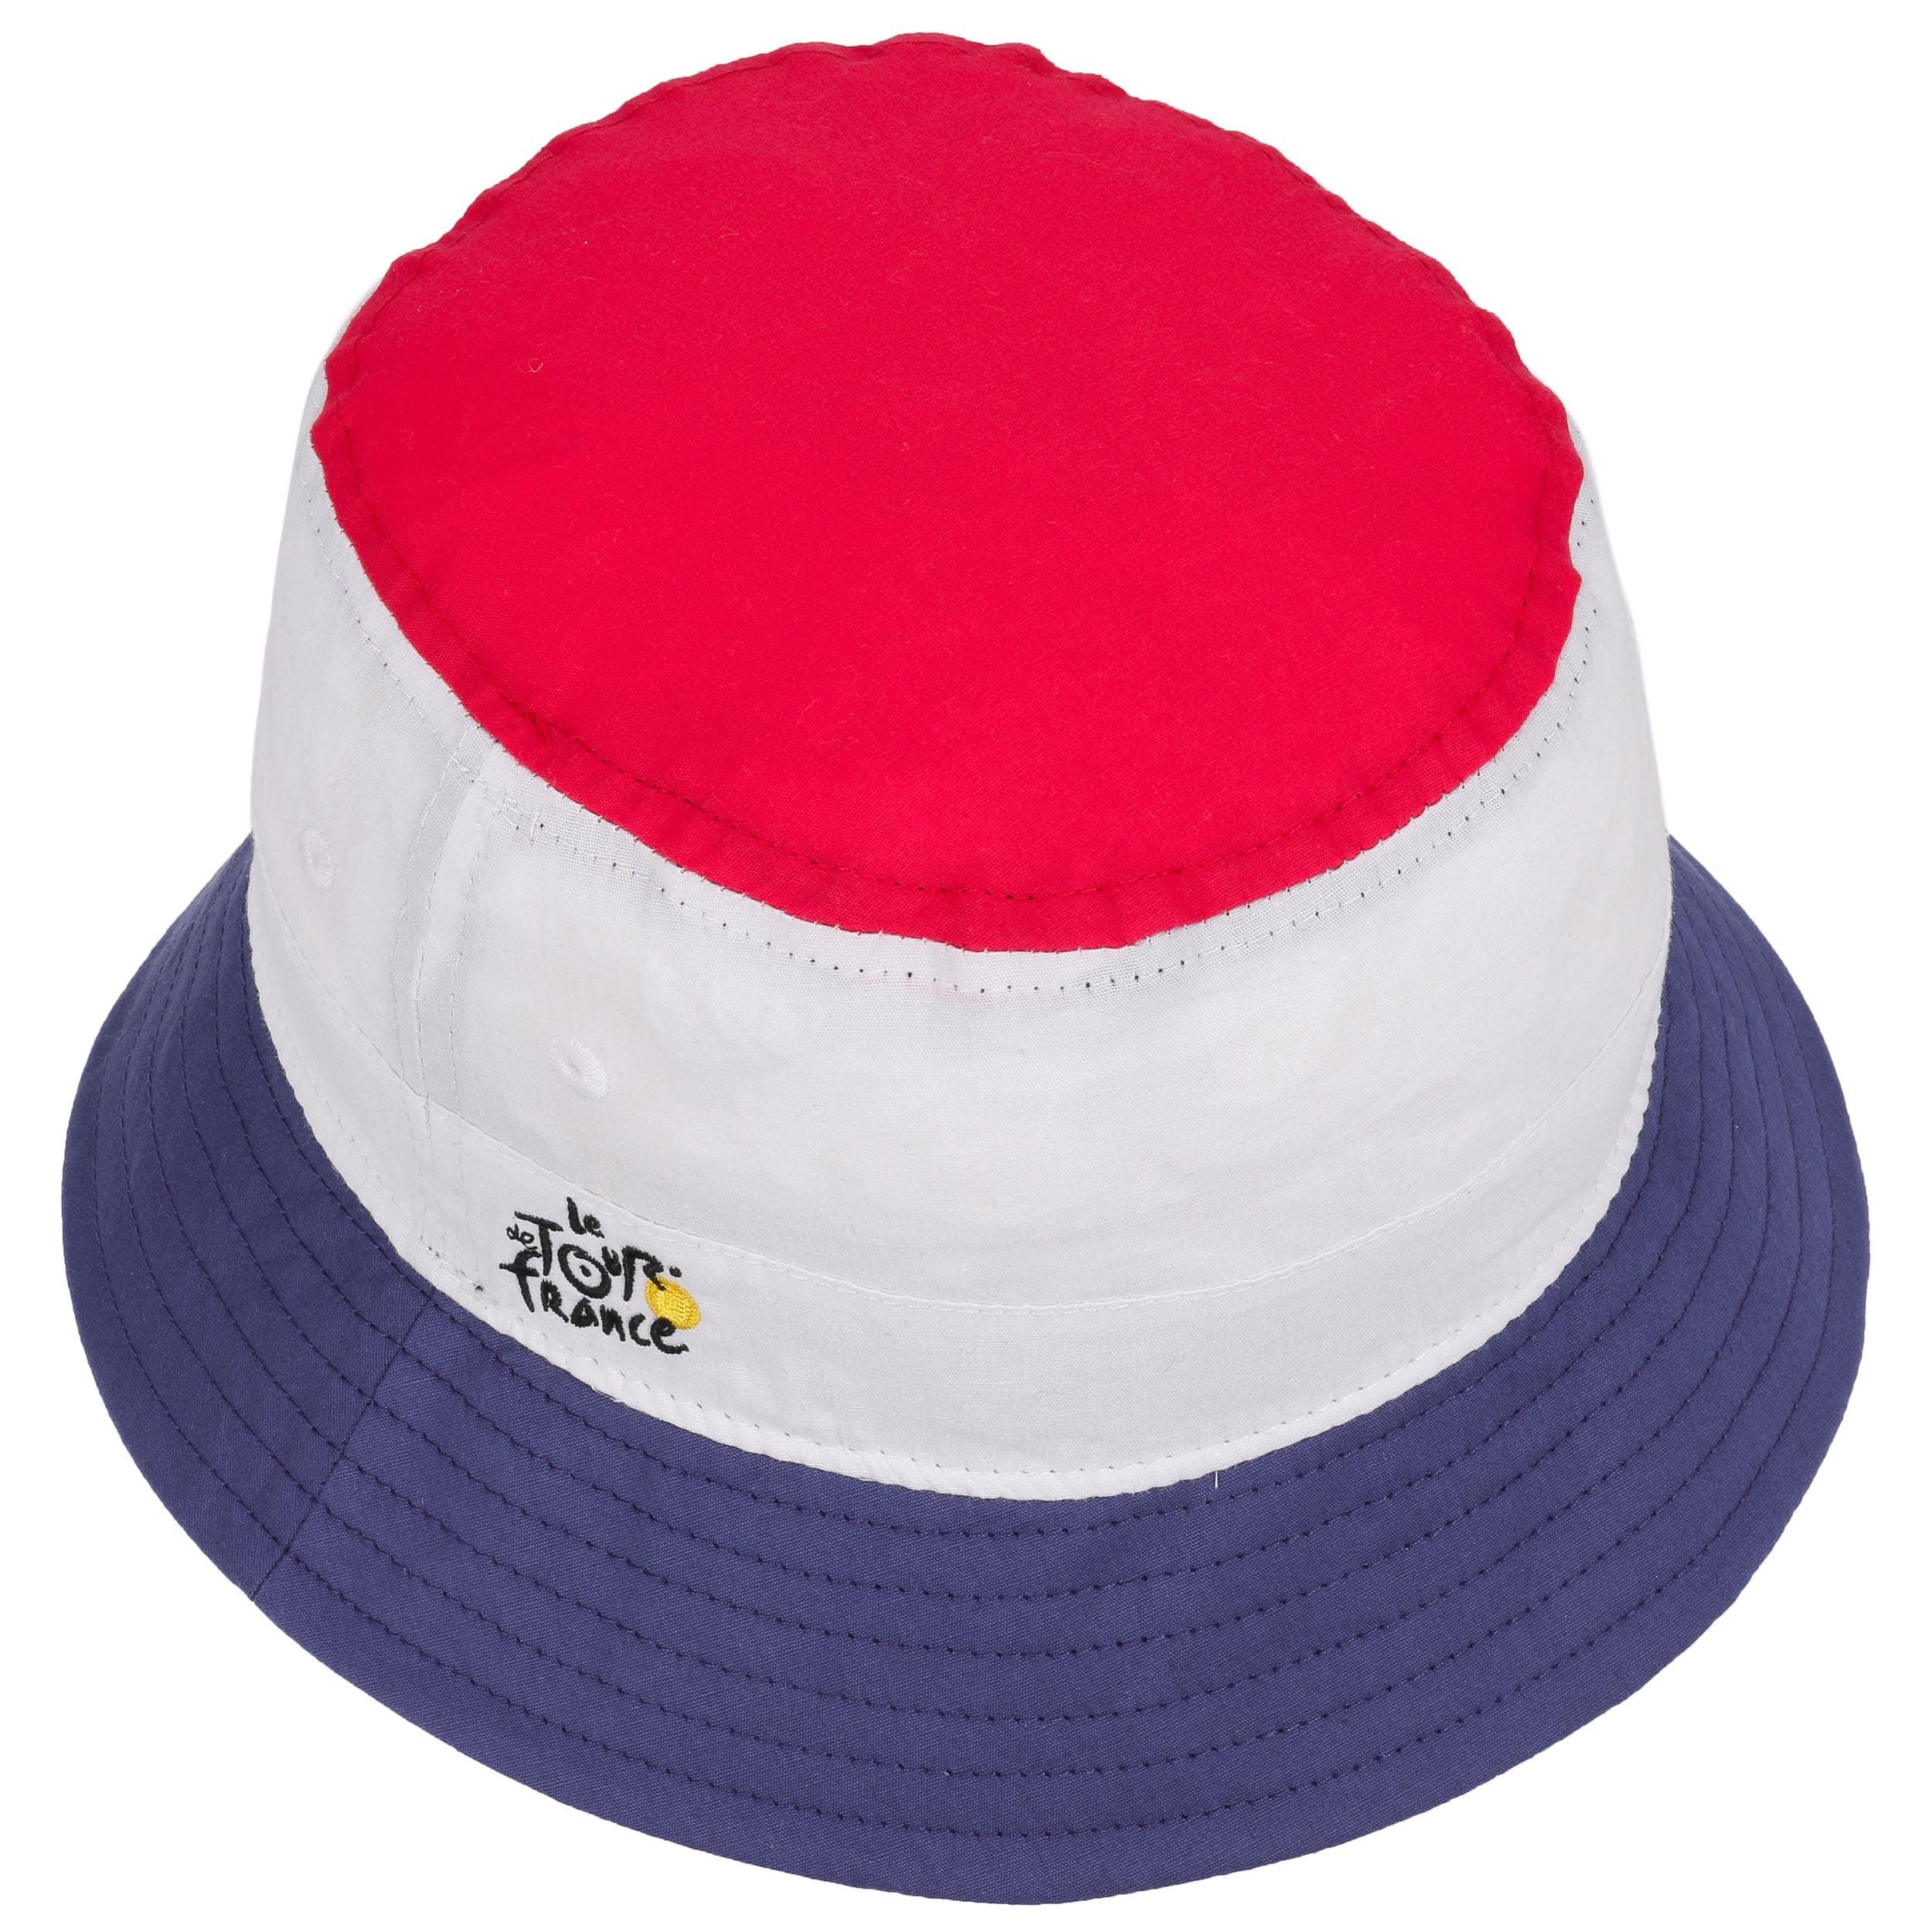 Tour De France Bucket Hat by New Era - white 1 ... 7413e86d3020